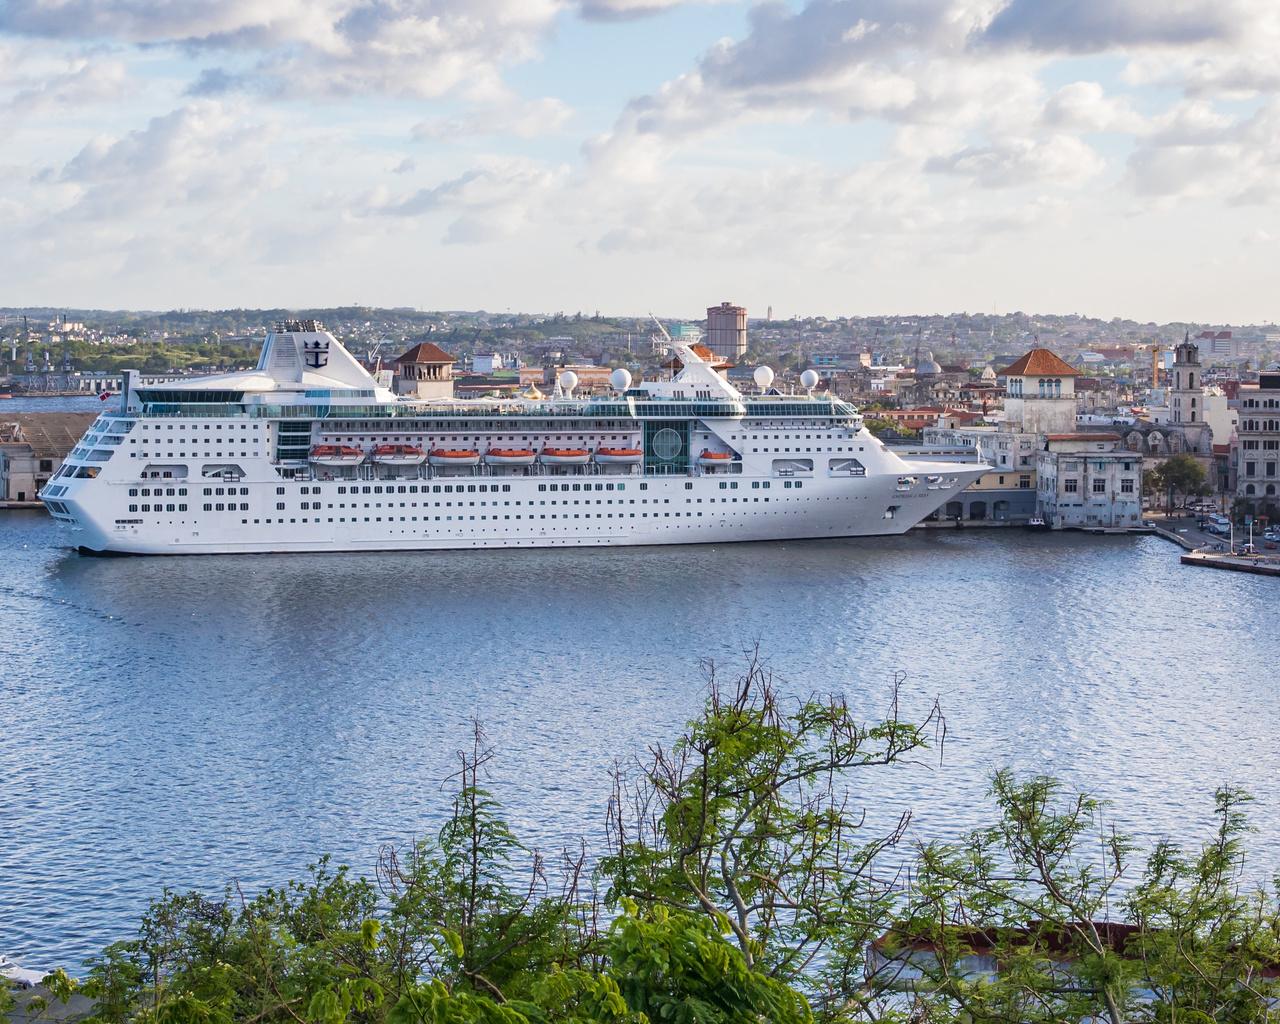 широкоформатные, куба, причал, корабли, круизный, лайнер, дома, панорама, havana, город